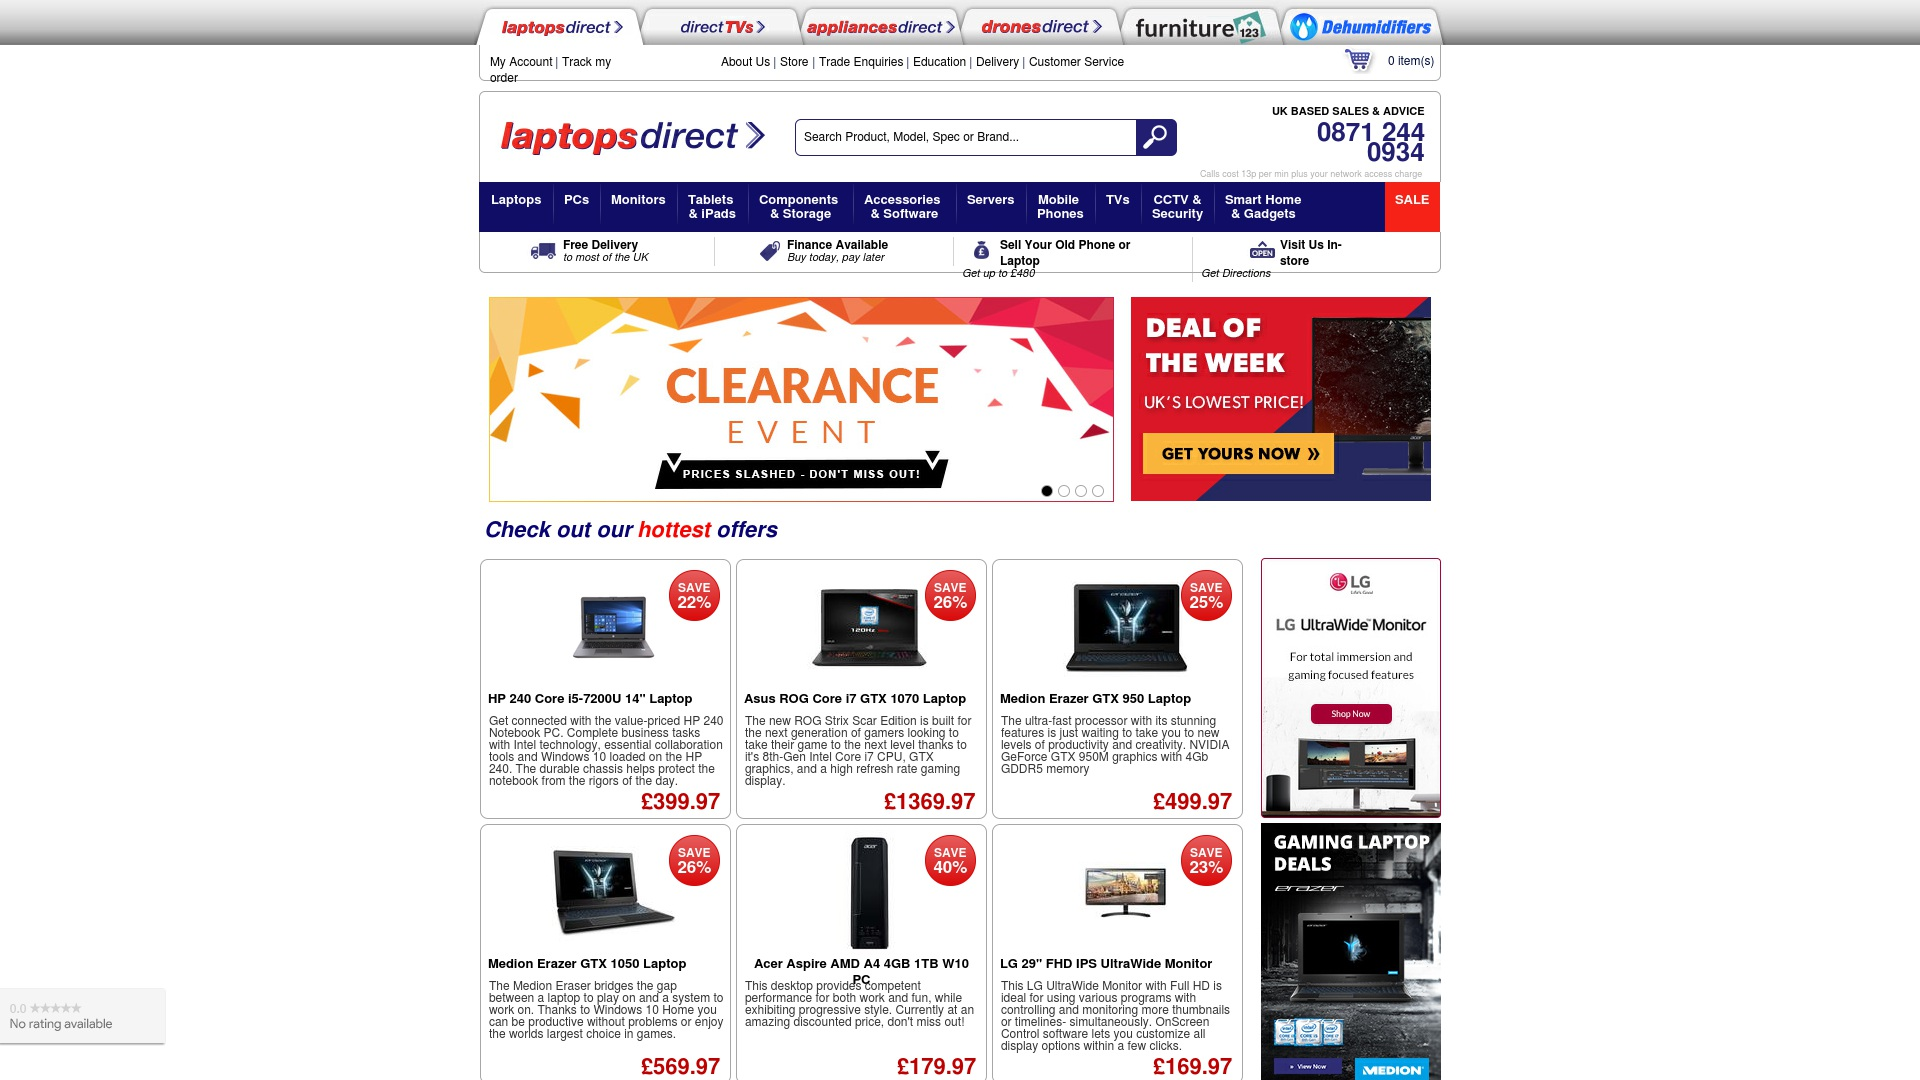 Gutschein für Laptopsdirect: Rabatte für  Laptopsdirect sichern